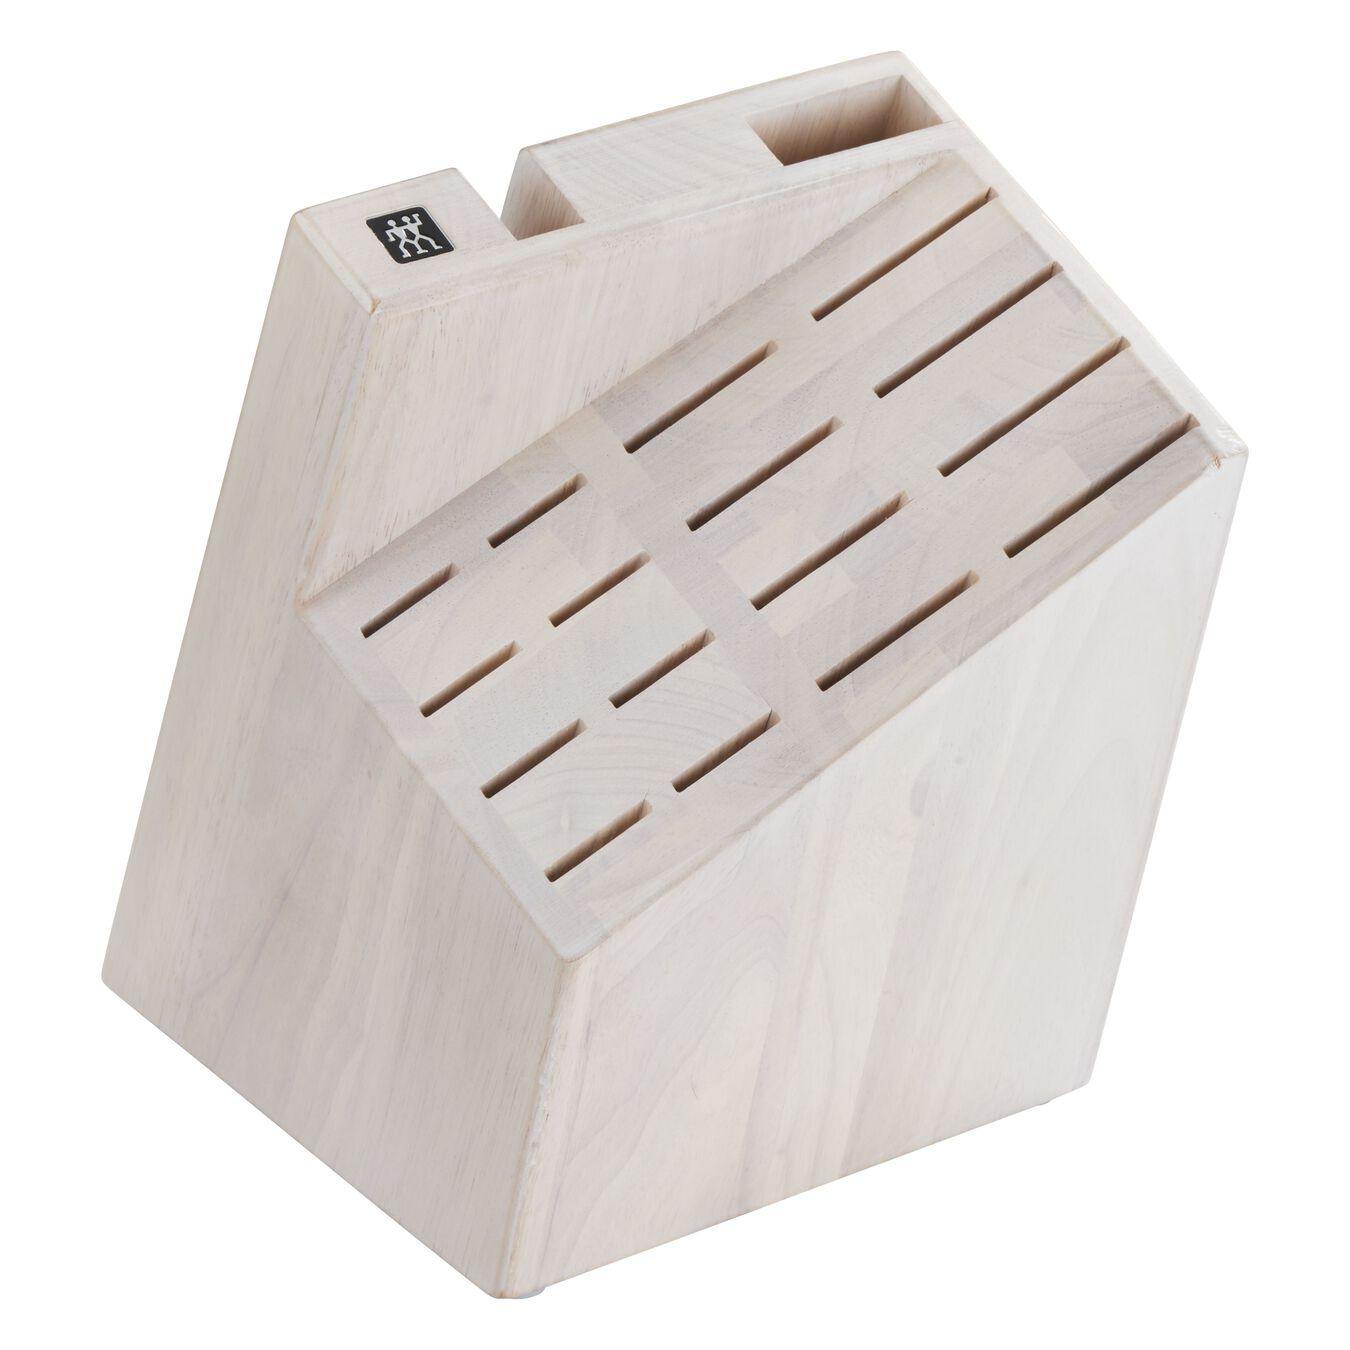 18-slot Knife Block,,large 1